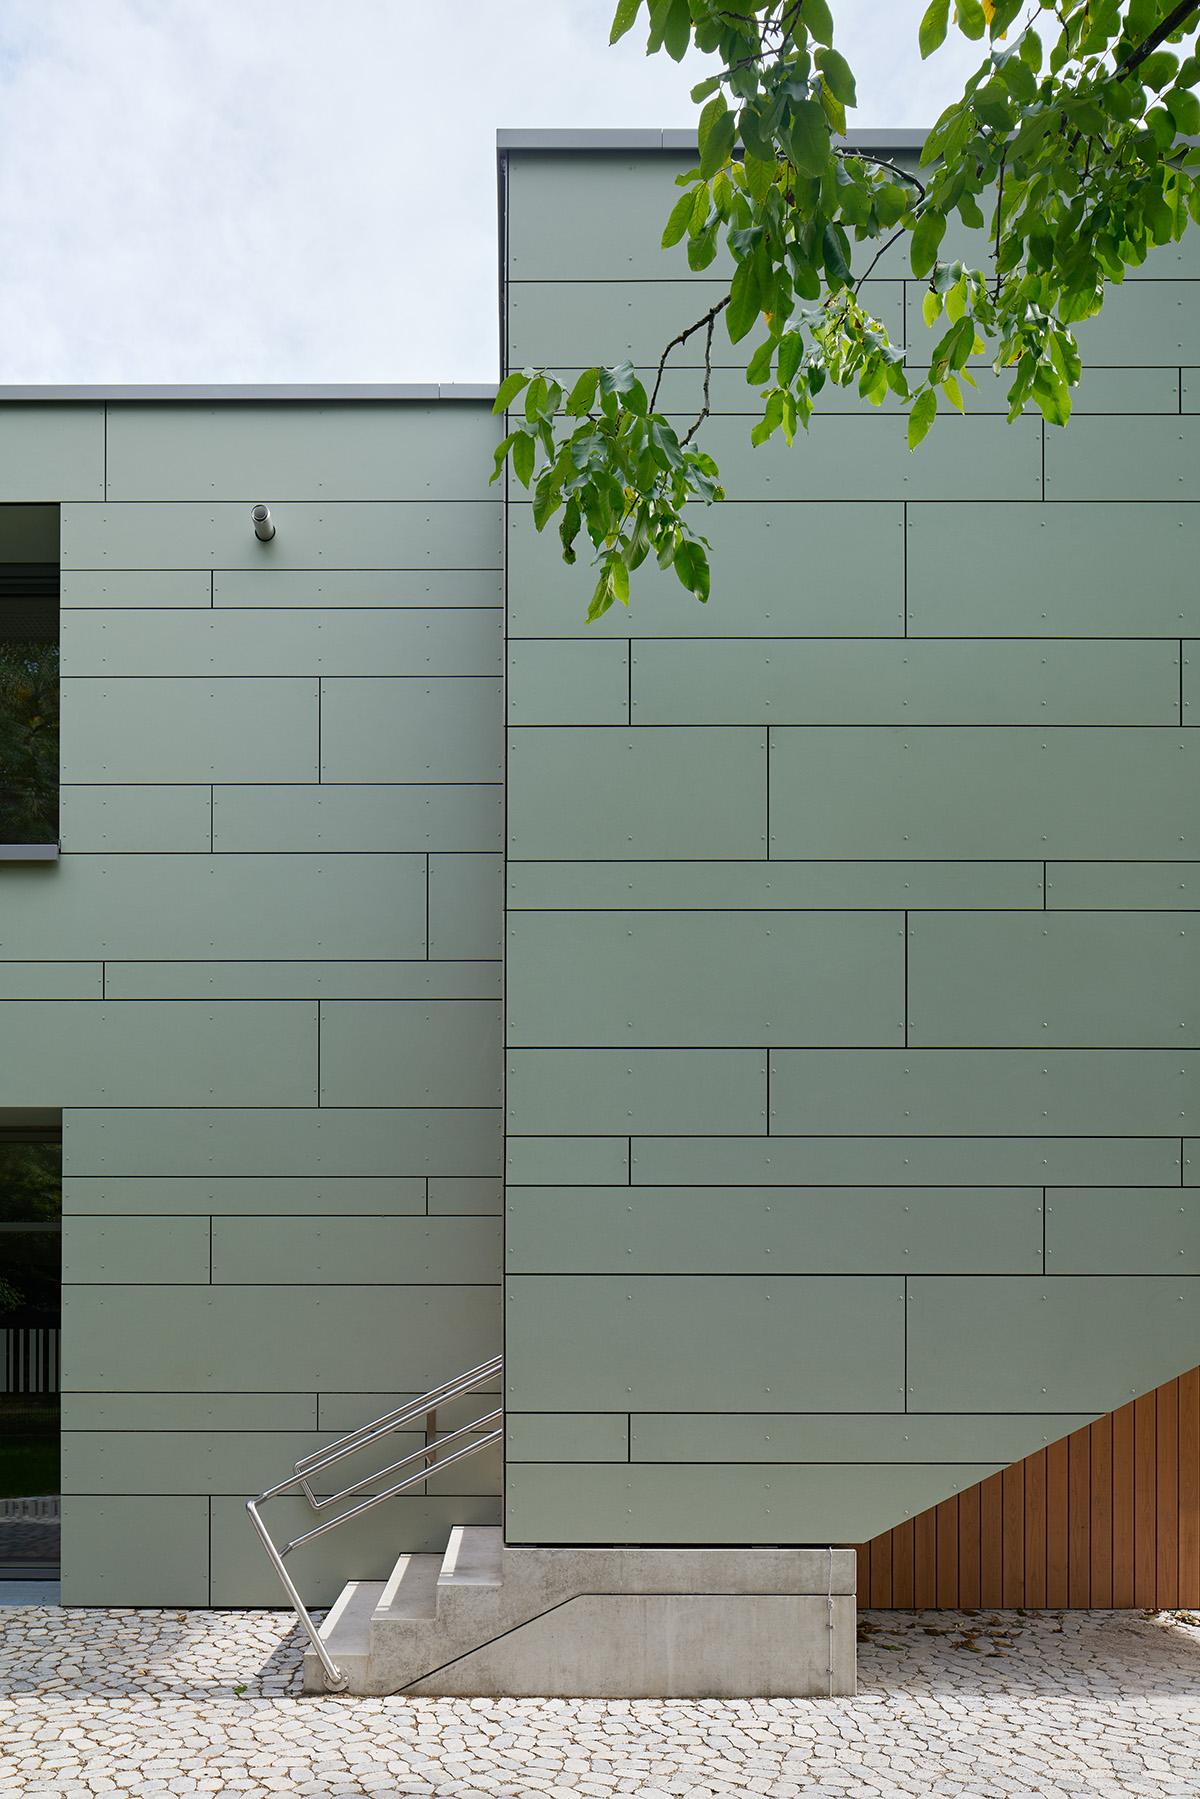 """Neubau Kindertagesstätte """"Villa Regenbogen"""" Oberreut  Architektur: Klinkott Architekten Kaiserstraße 235 76133 Karlsruhe www.klinkott-architekten.de"""